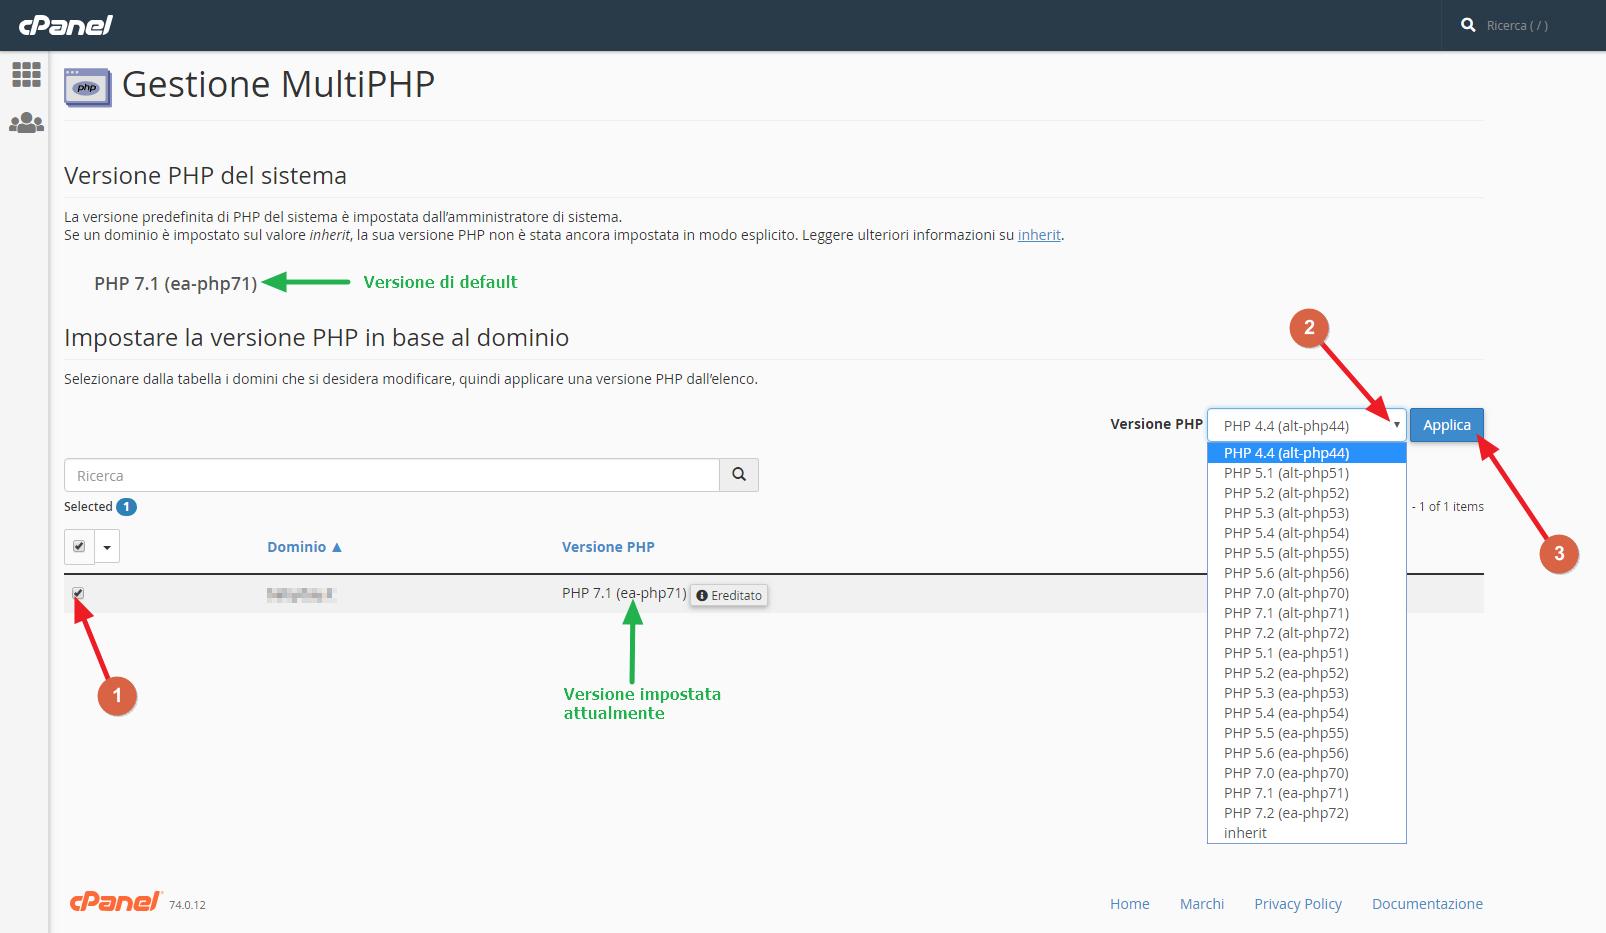 Cambio versione PHP nuovi servizi